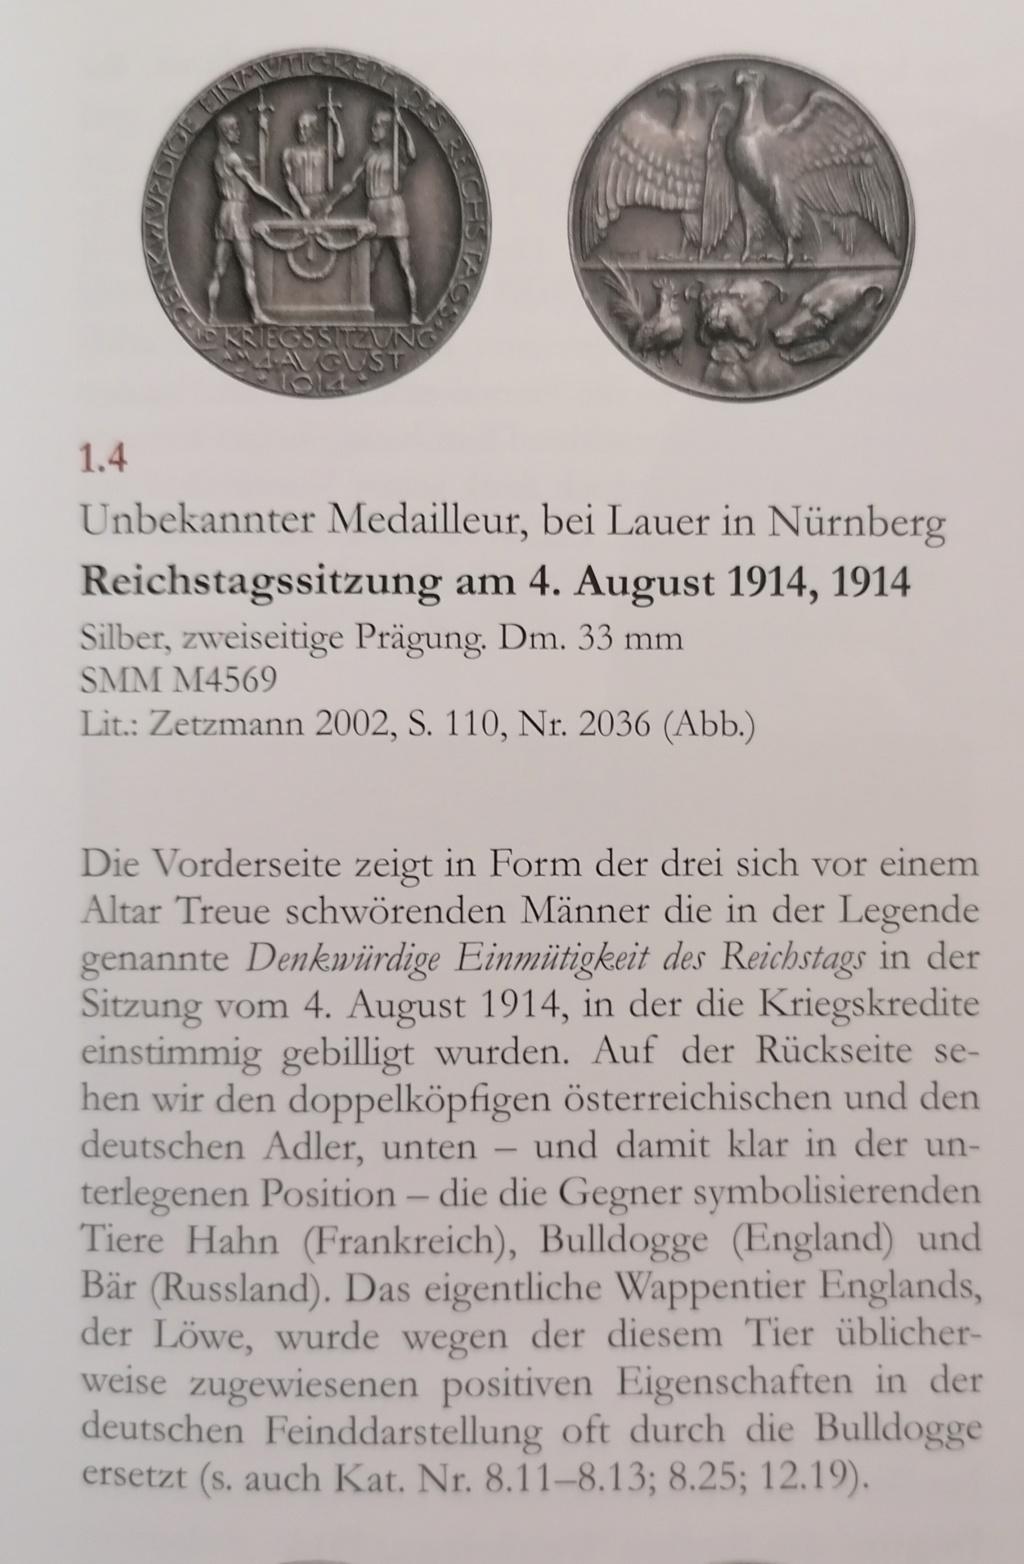 MEDALLAS ALEMANAS 1914-1945. Últimas adquisiciones. - Página 11 Img_2171